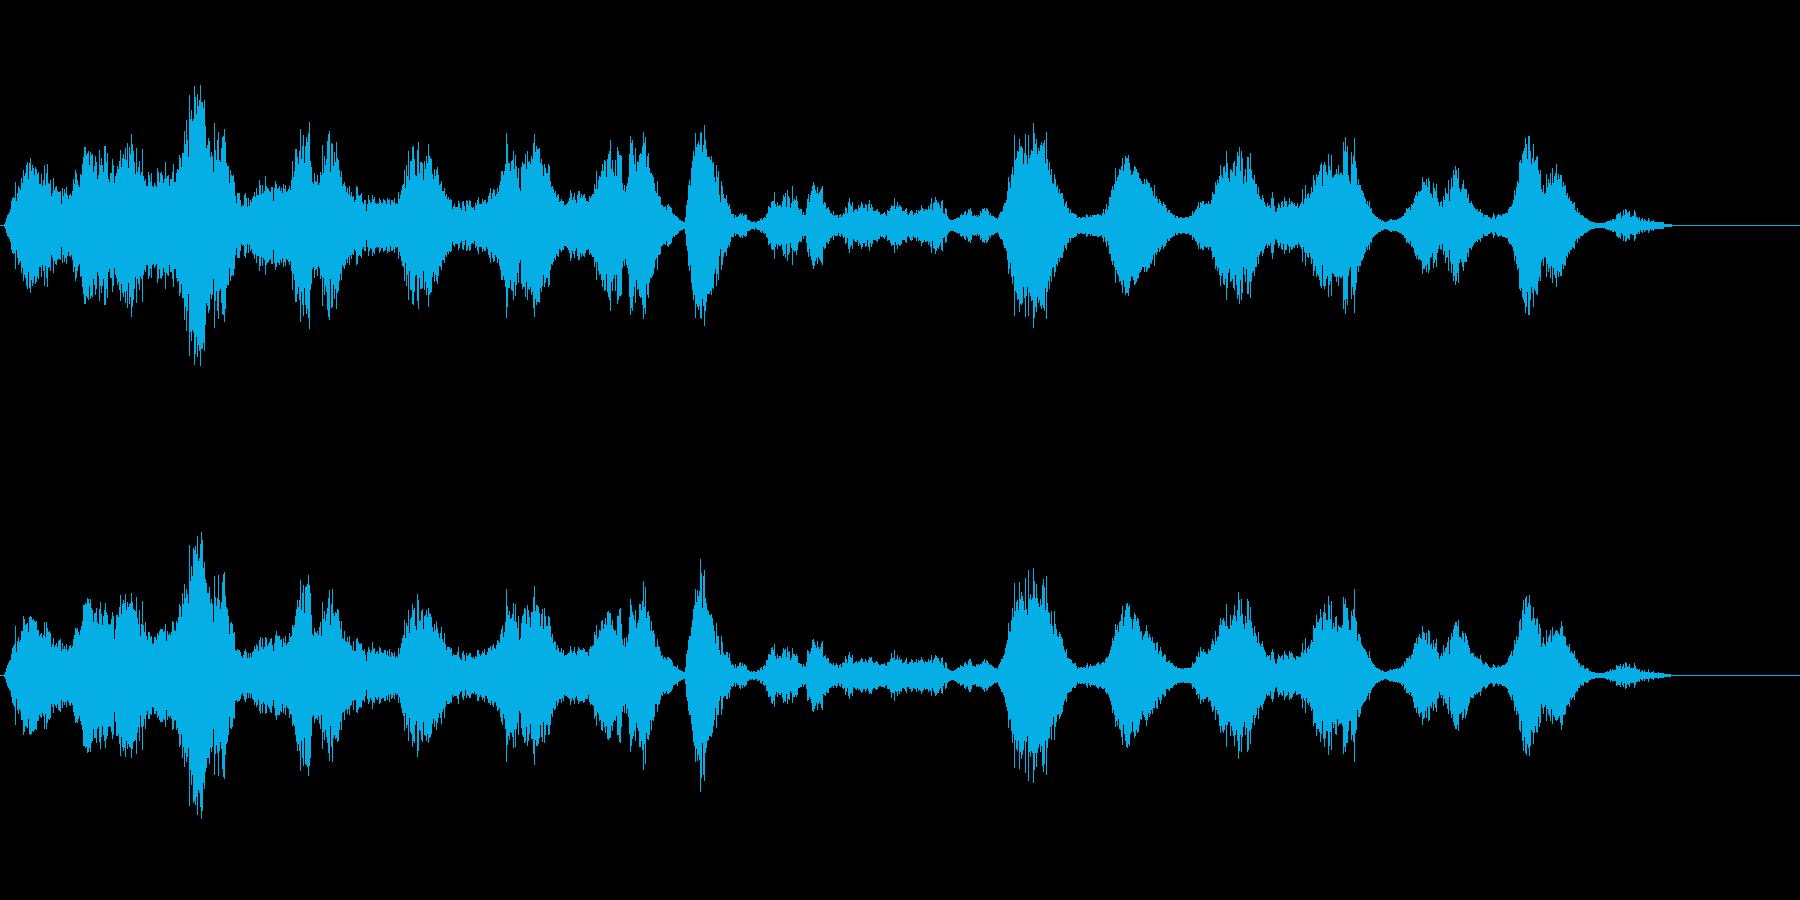 宇宙をイメージして作りましたの再生済みの波形